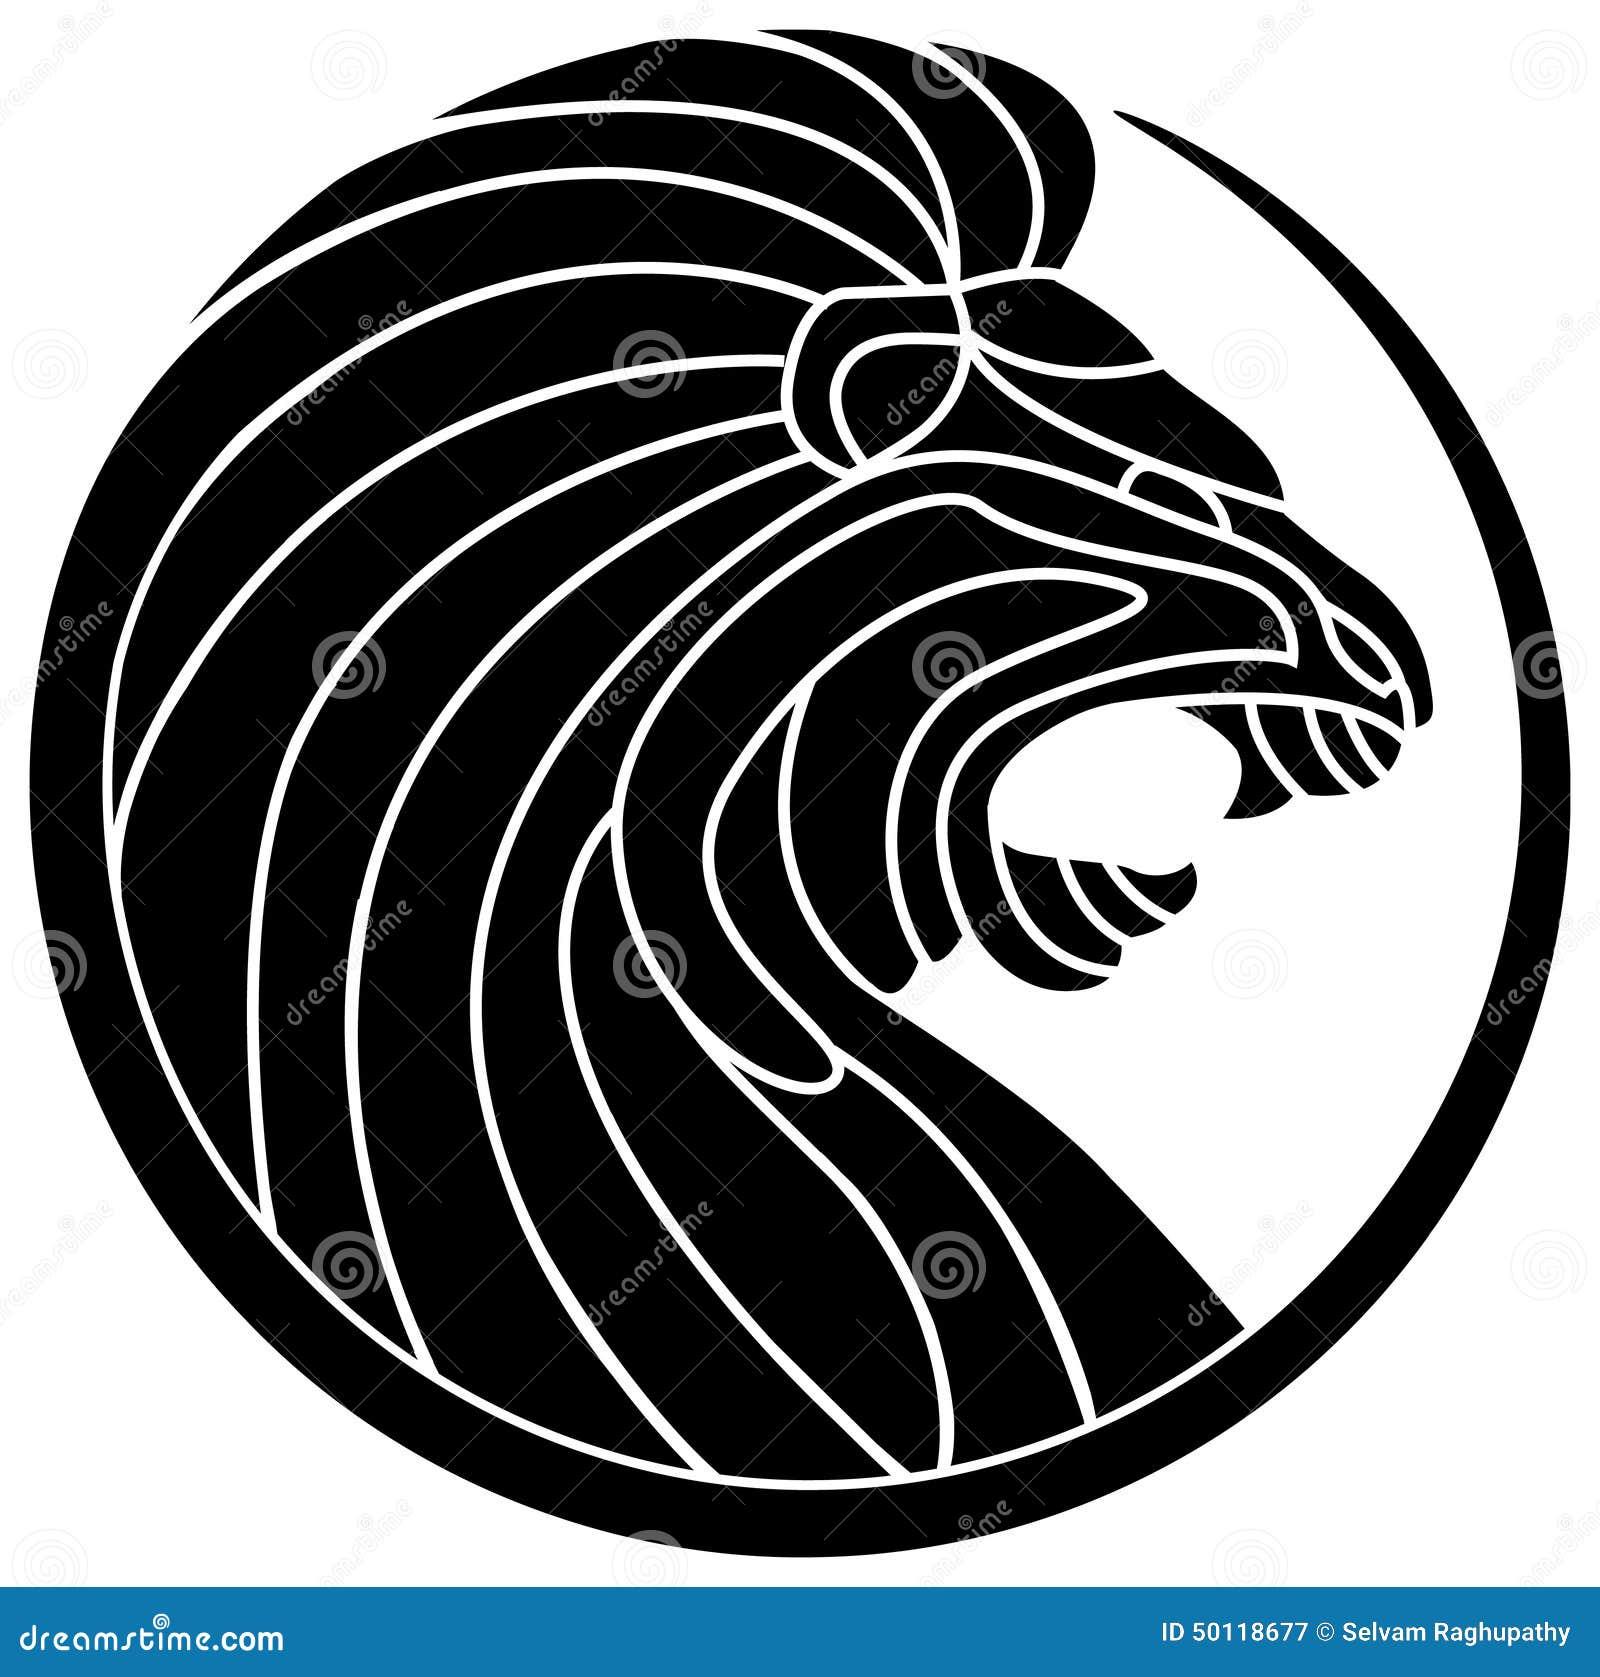 Line Art Design Background : Roaring red lion logo